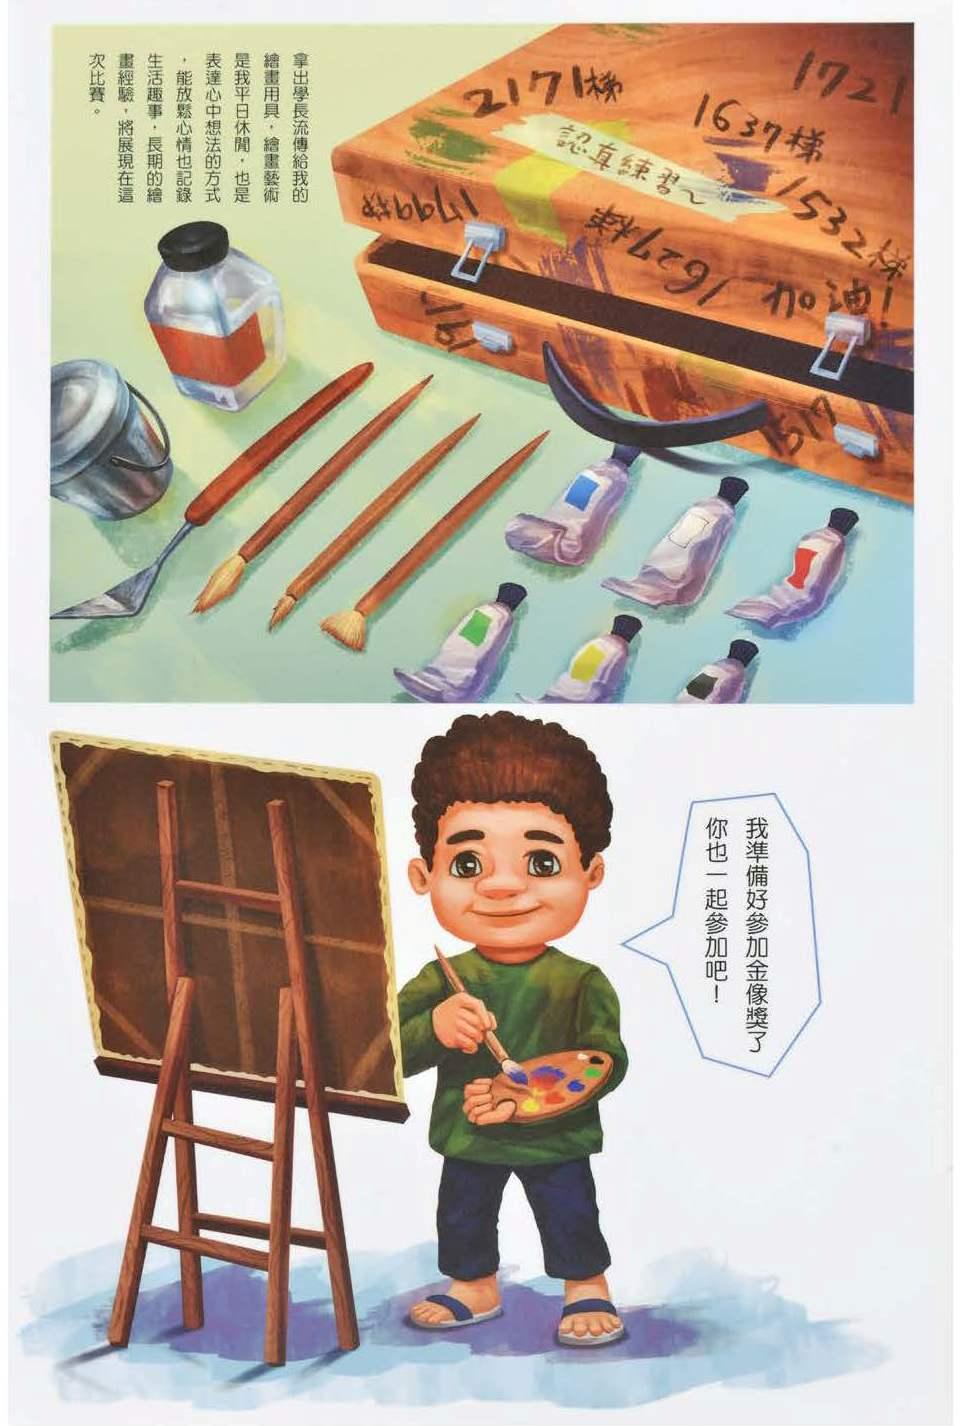 50屆漫畫類優選_戰藝相傳12_陳彥鈞.jpg